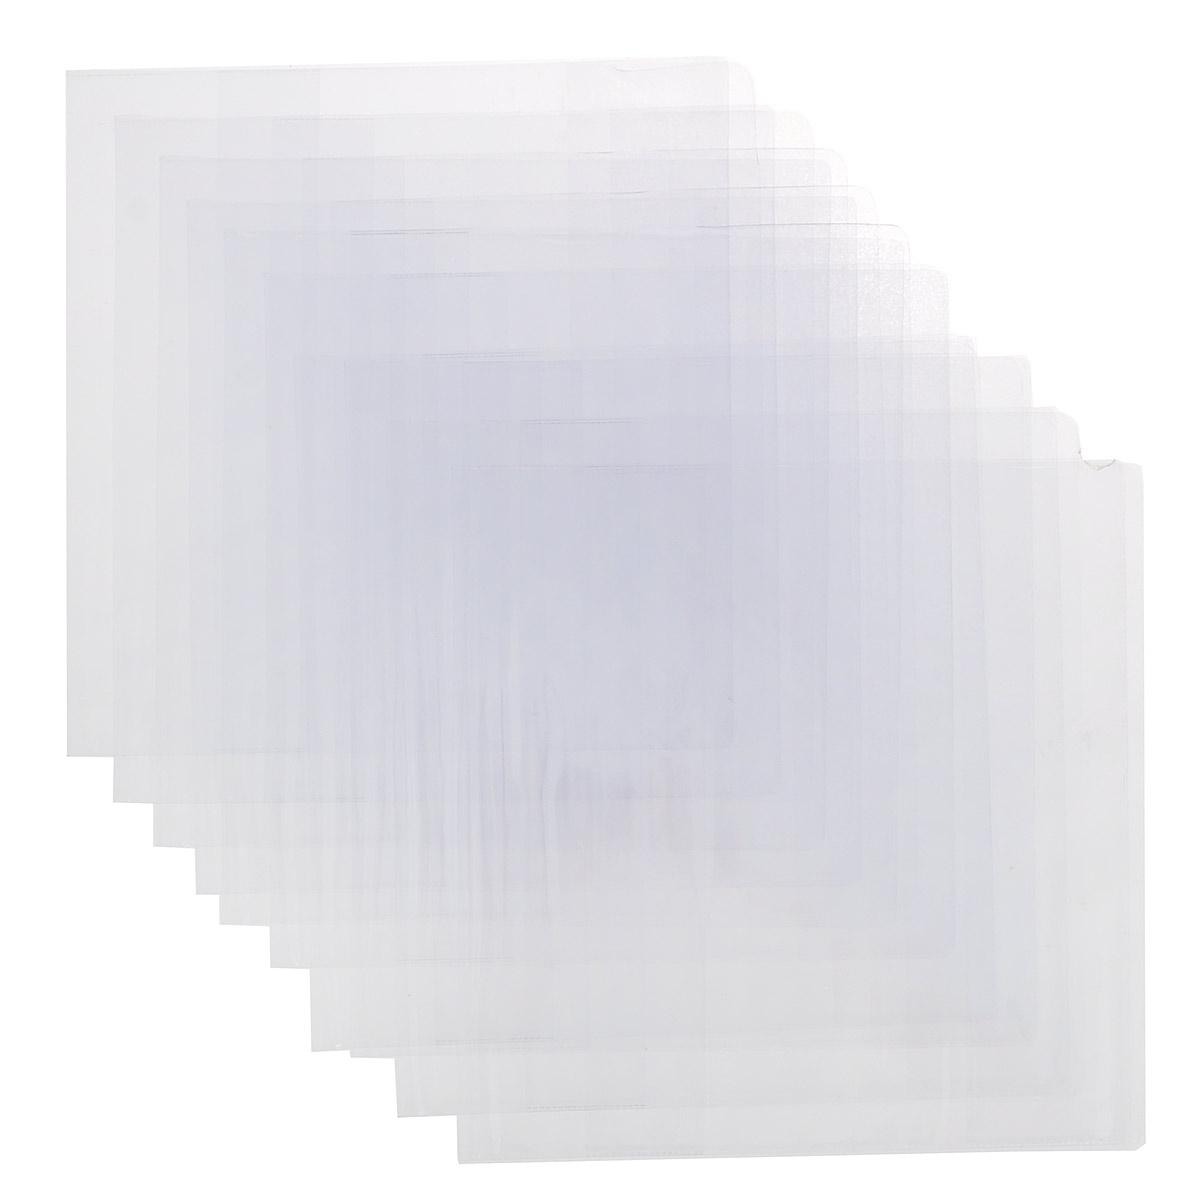 Набор обложек для учебников Брупак, цвет: прозрачный, 23 см х 46,5 см, 10 шт